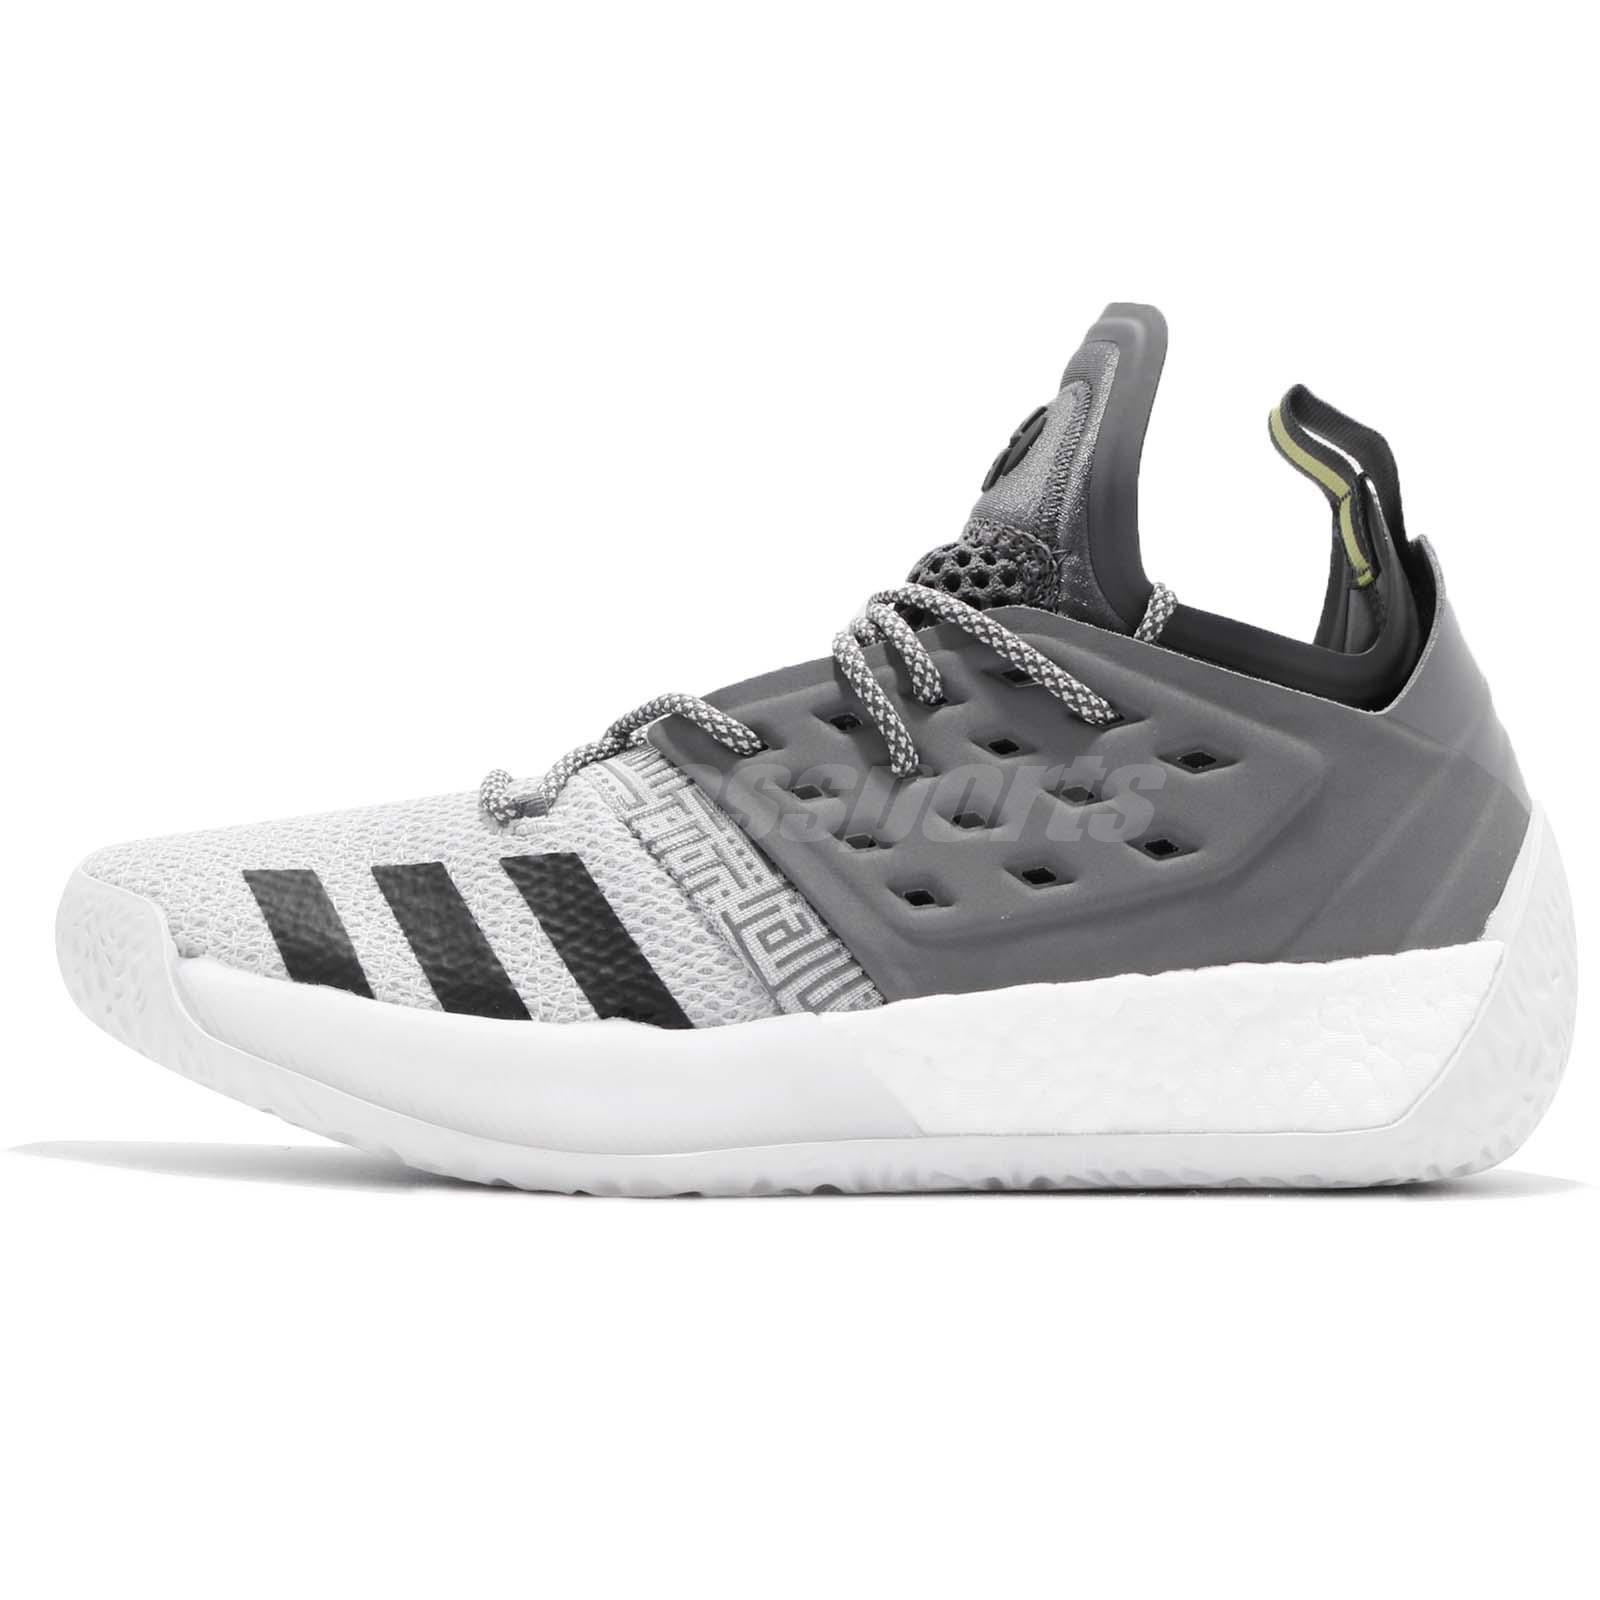 53d924c4c42 adidas Harden Vol. 2 Concrete Grey Black James Men Basketball Shoes AH2122